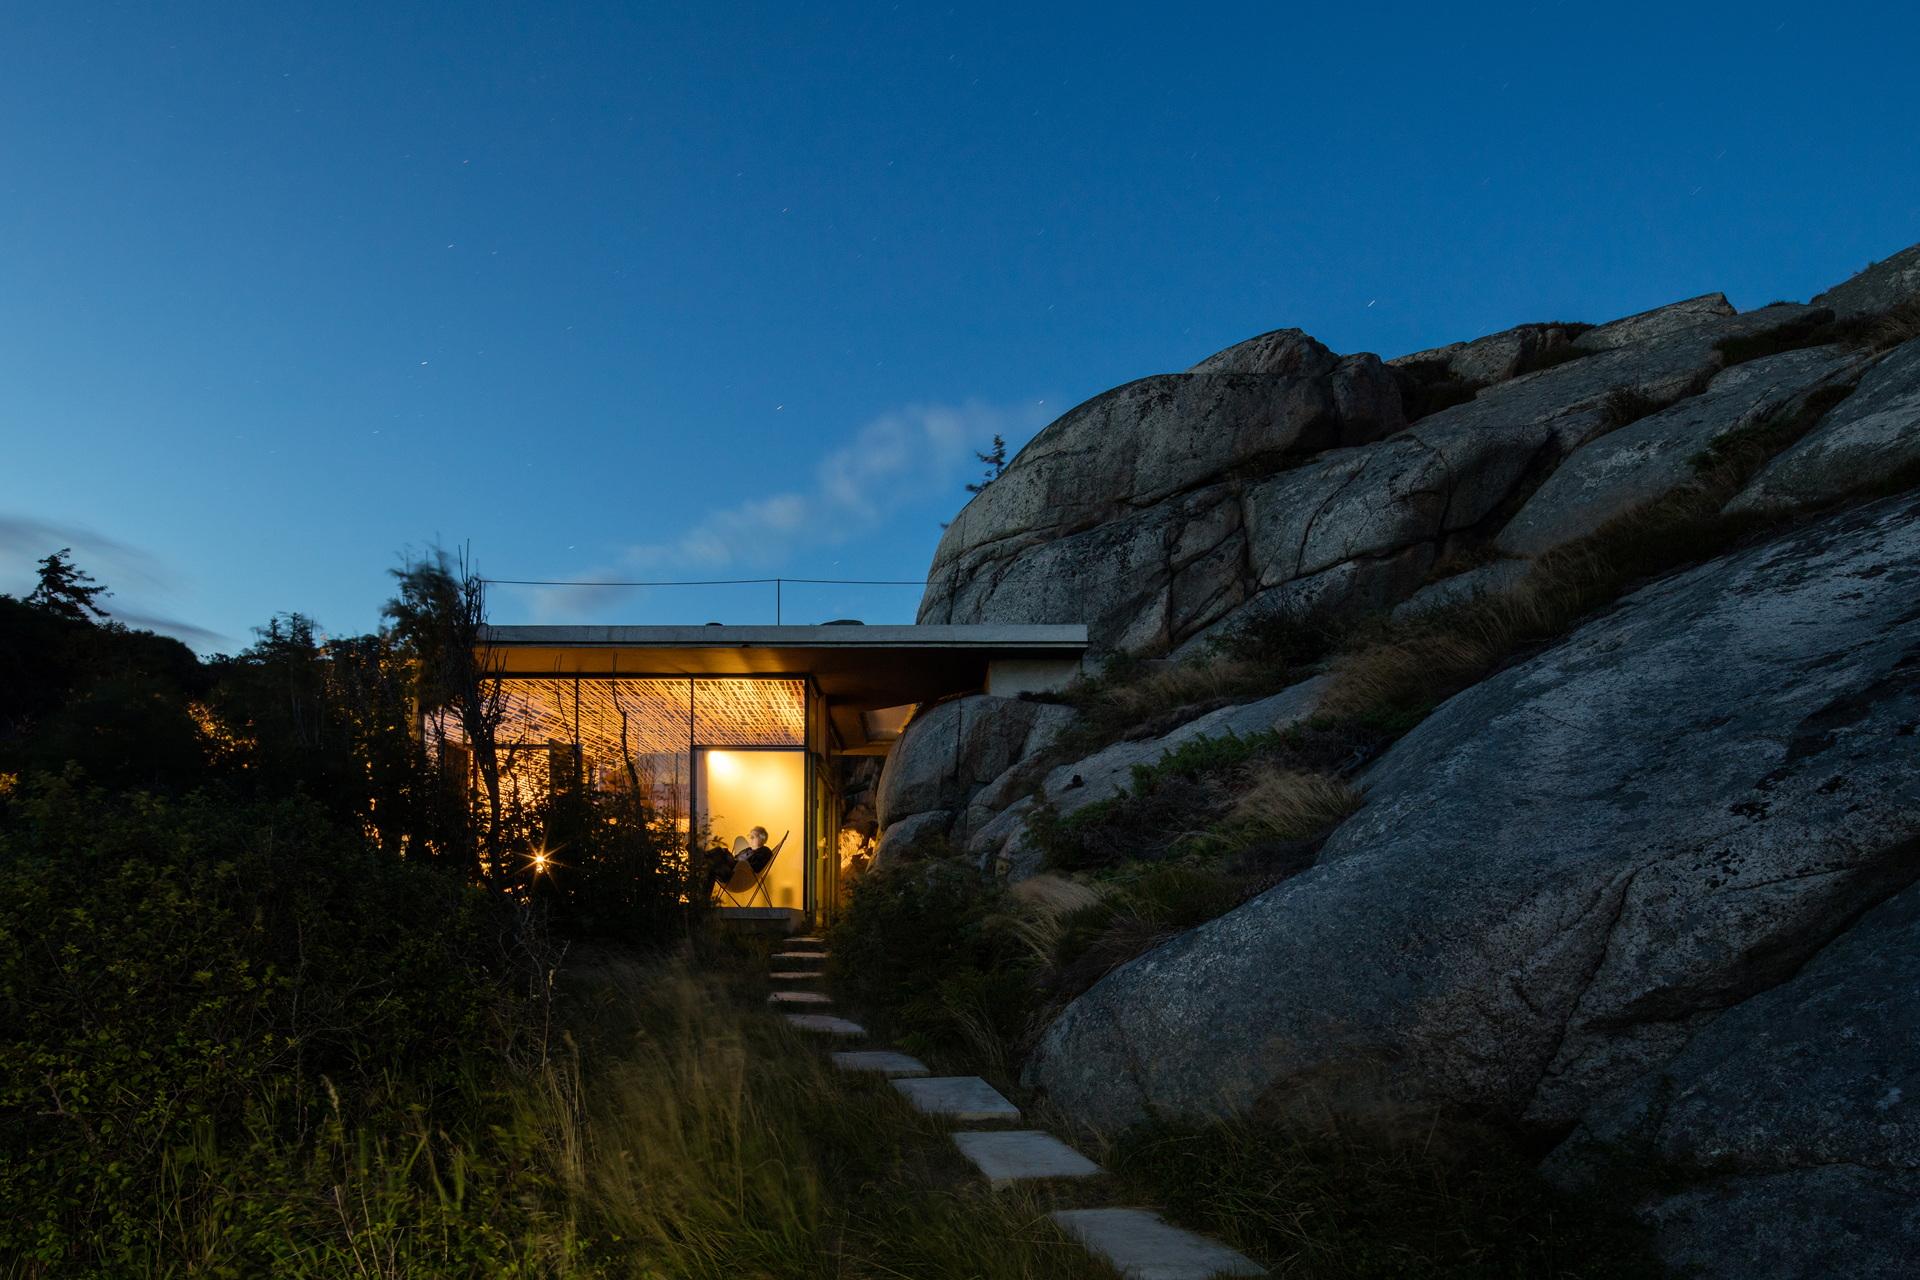 Lund Hagem Architects signe la Cabin Knapphullet au cœur des fjords norvégiens